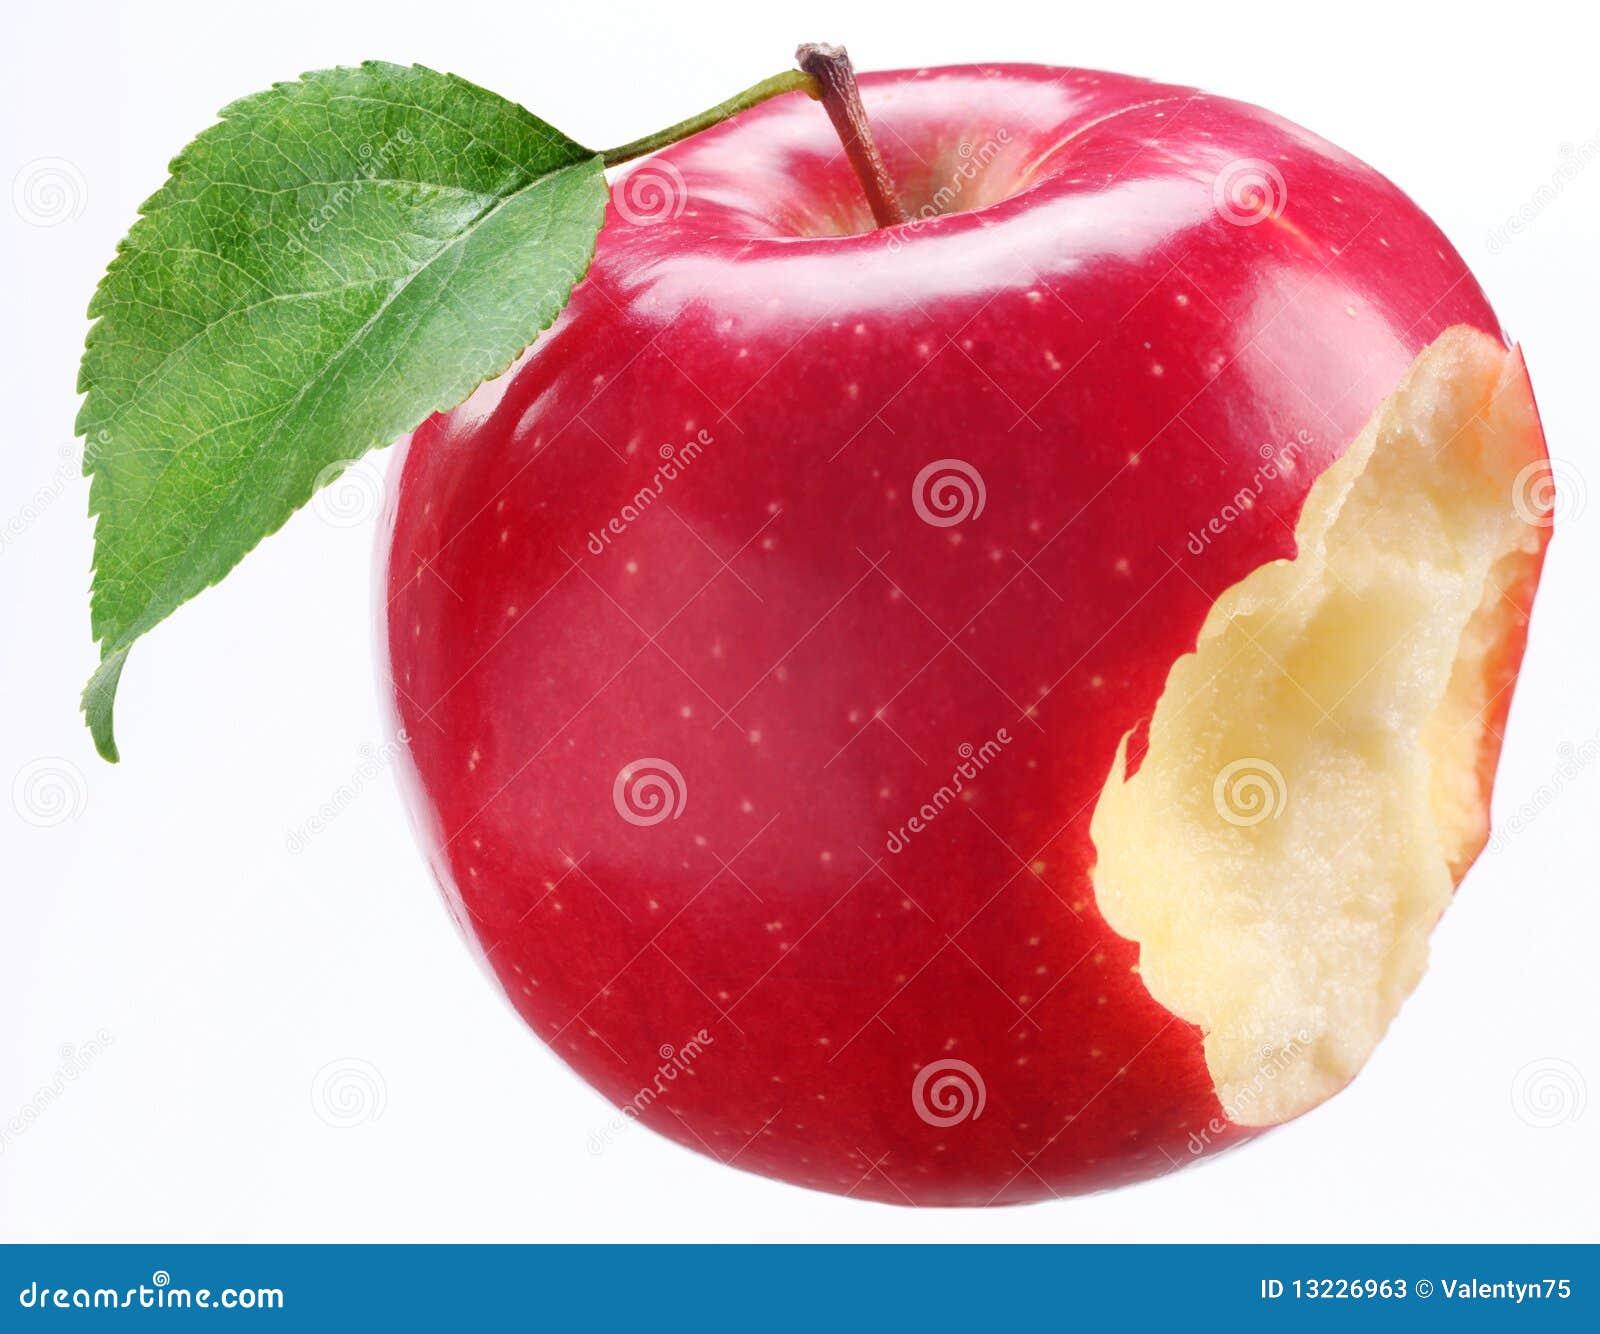 äpple biten leafred